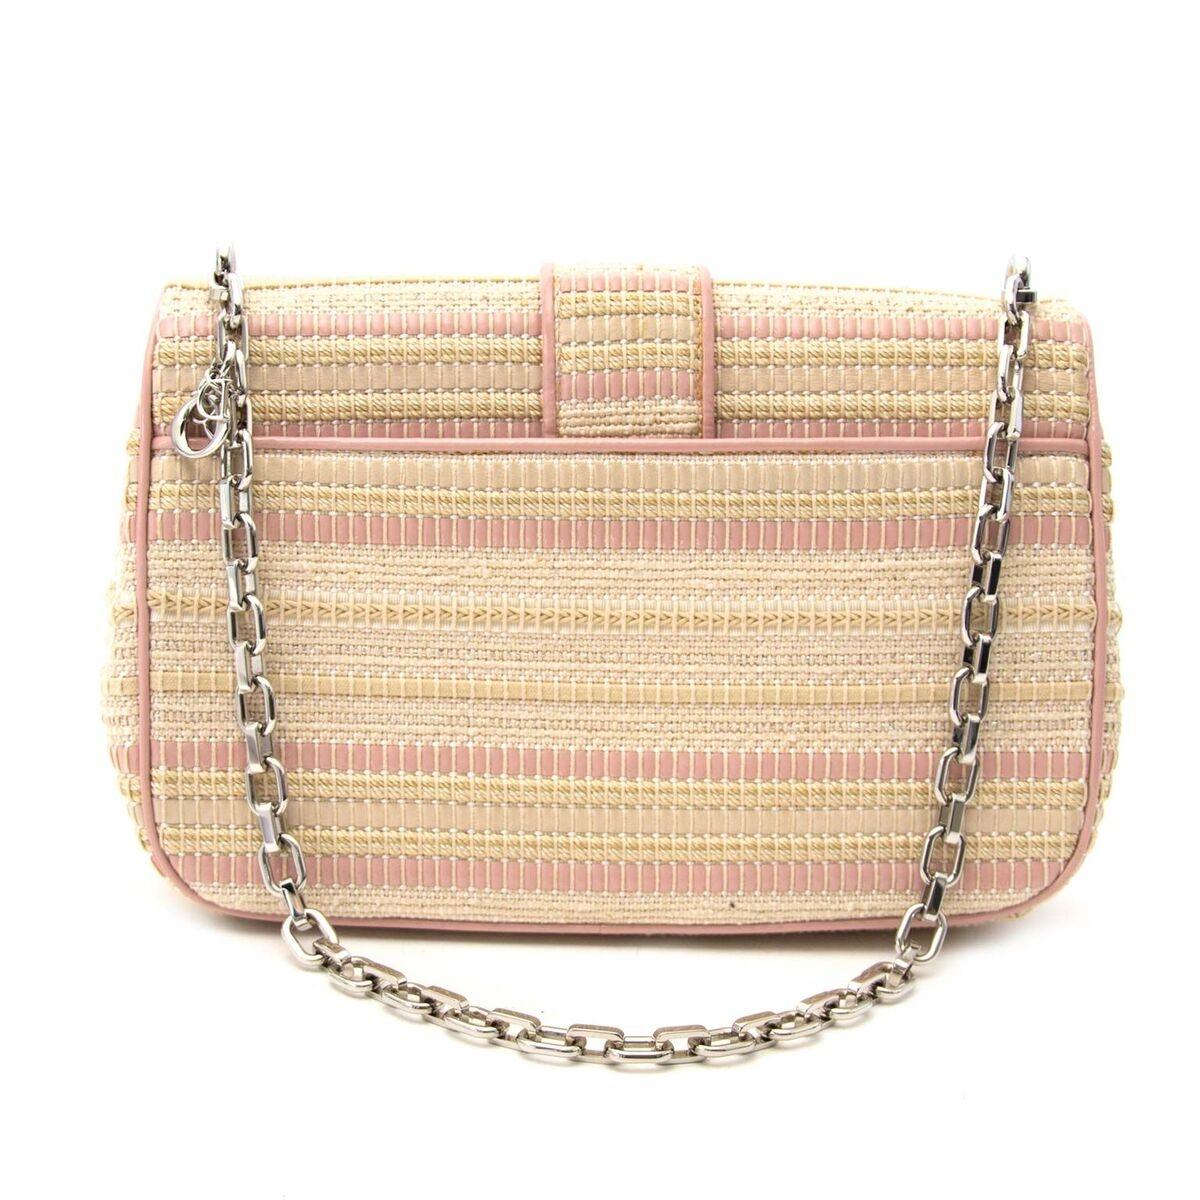 Koop authentieke tweedehands Miss Dior handtas in beige en roze aan een eerlijke prijs bij LabelLOV. Veilig online shoppen.